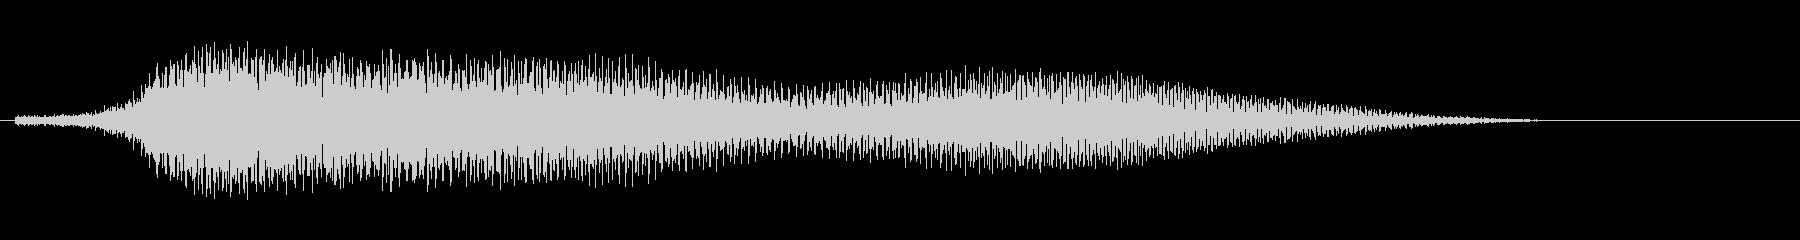 STEEL GUITAR:WAVY...の未再生の波形